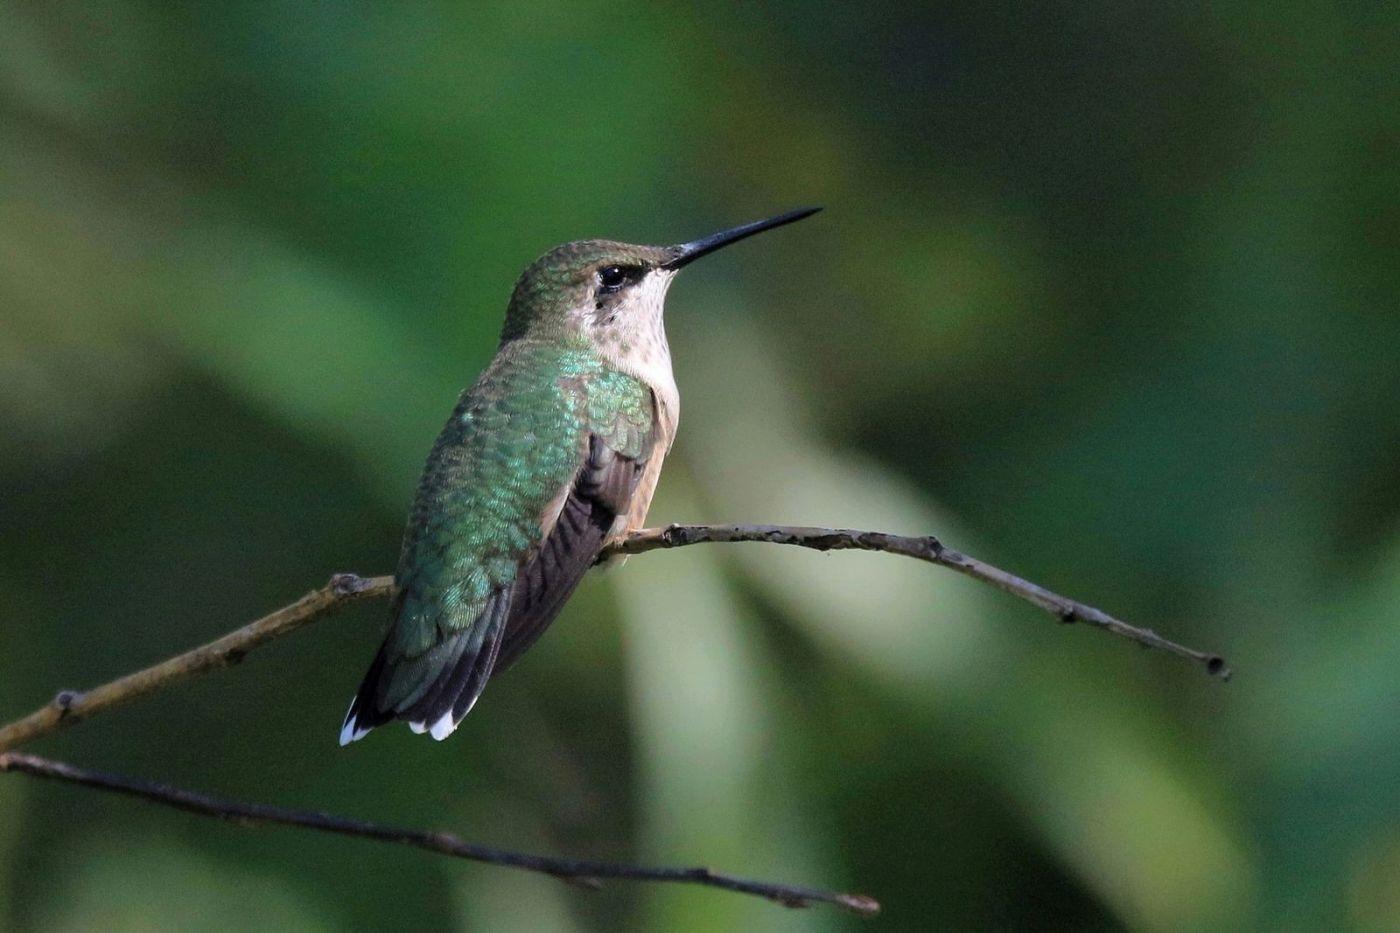 凯辛娜公园拍的蜂鸟_图1-15